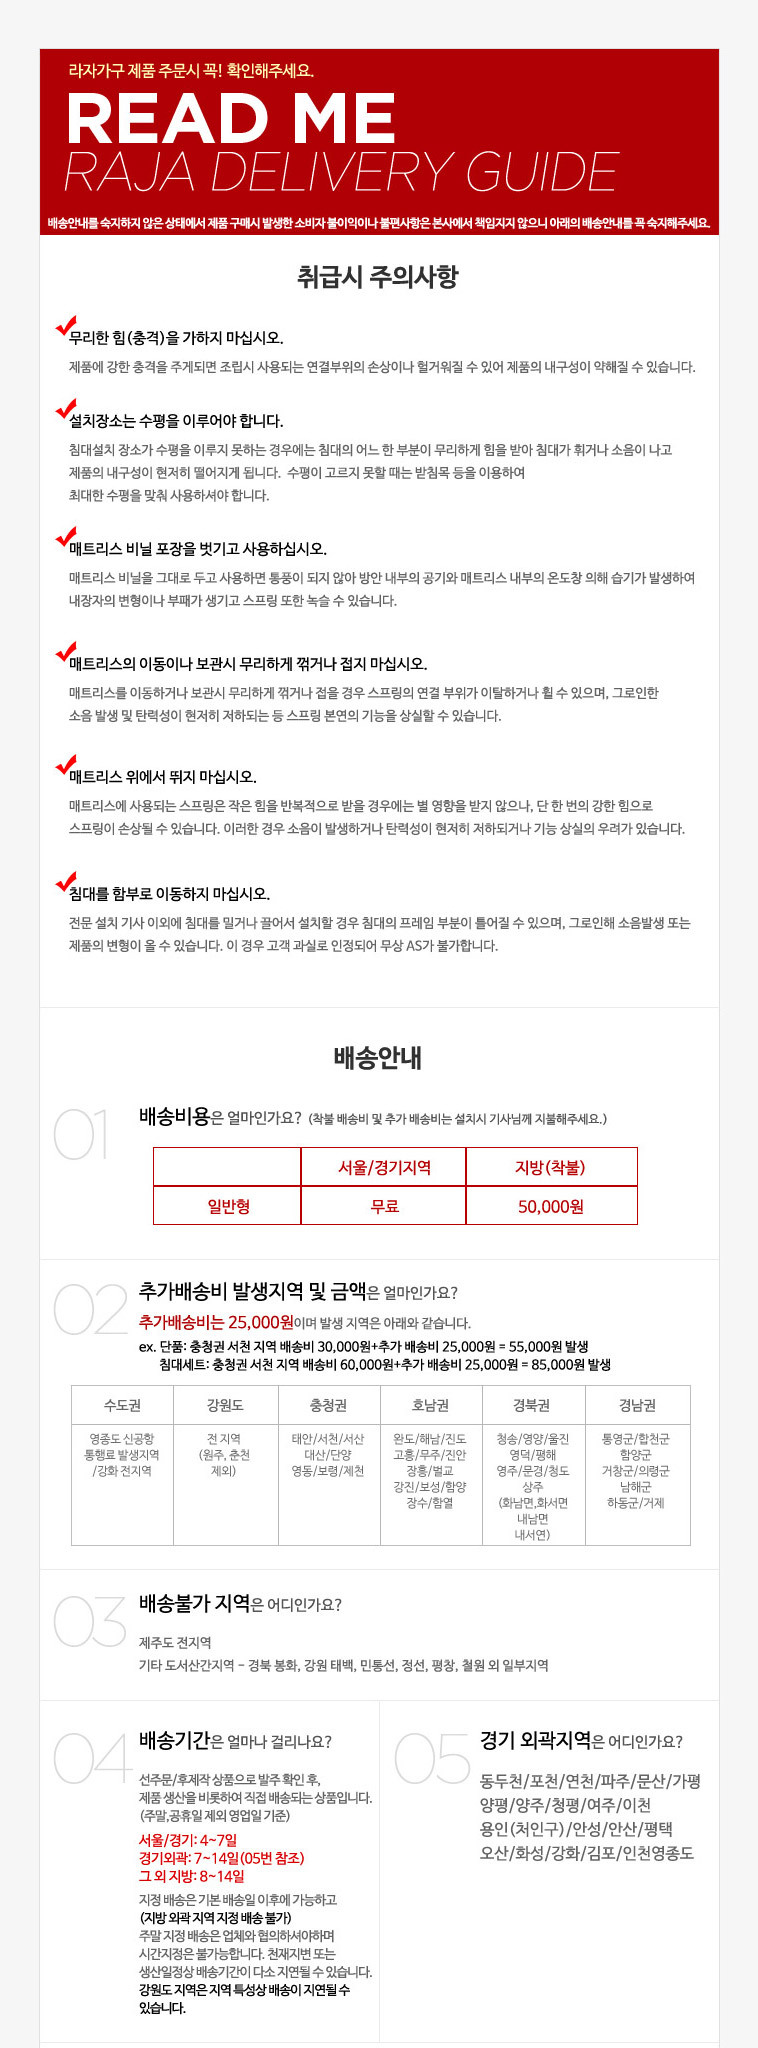 [명예의전당] 라자가구 조명침대세트 - 상세정보